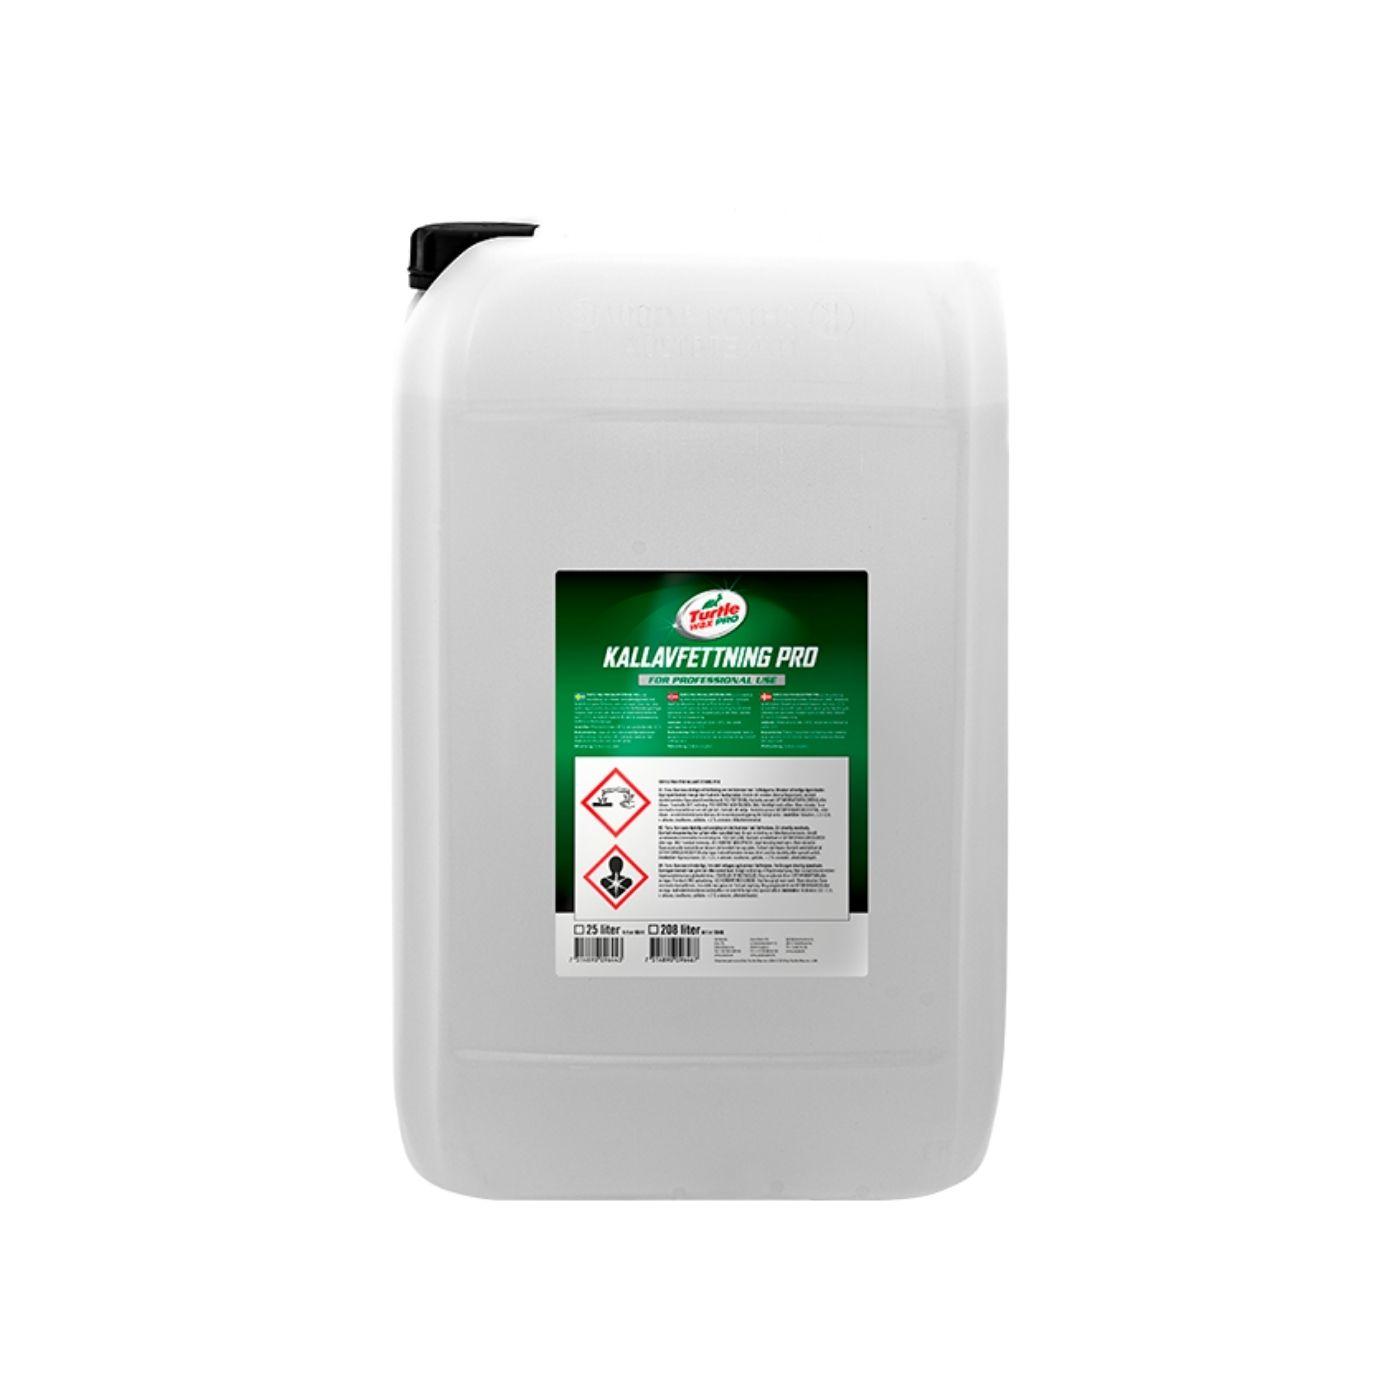 Asfaltslösare Turtle Wax Pro Kallavfettning Pro, 25000 ml